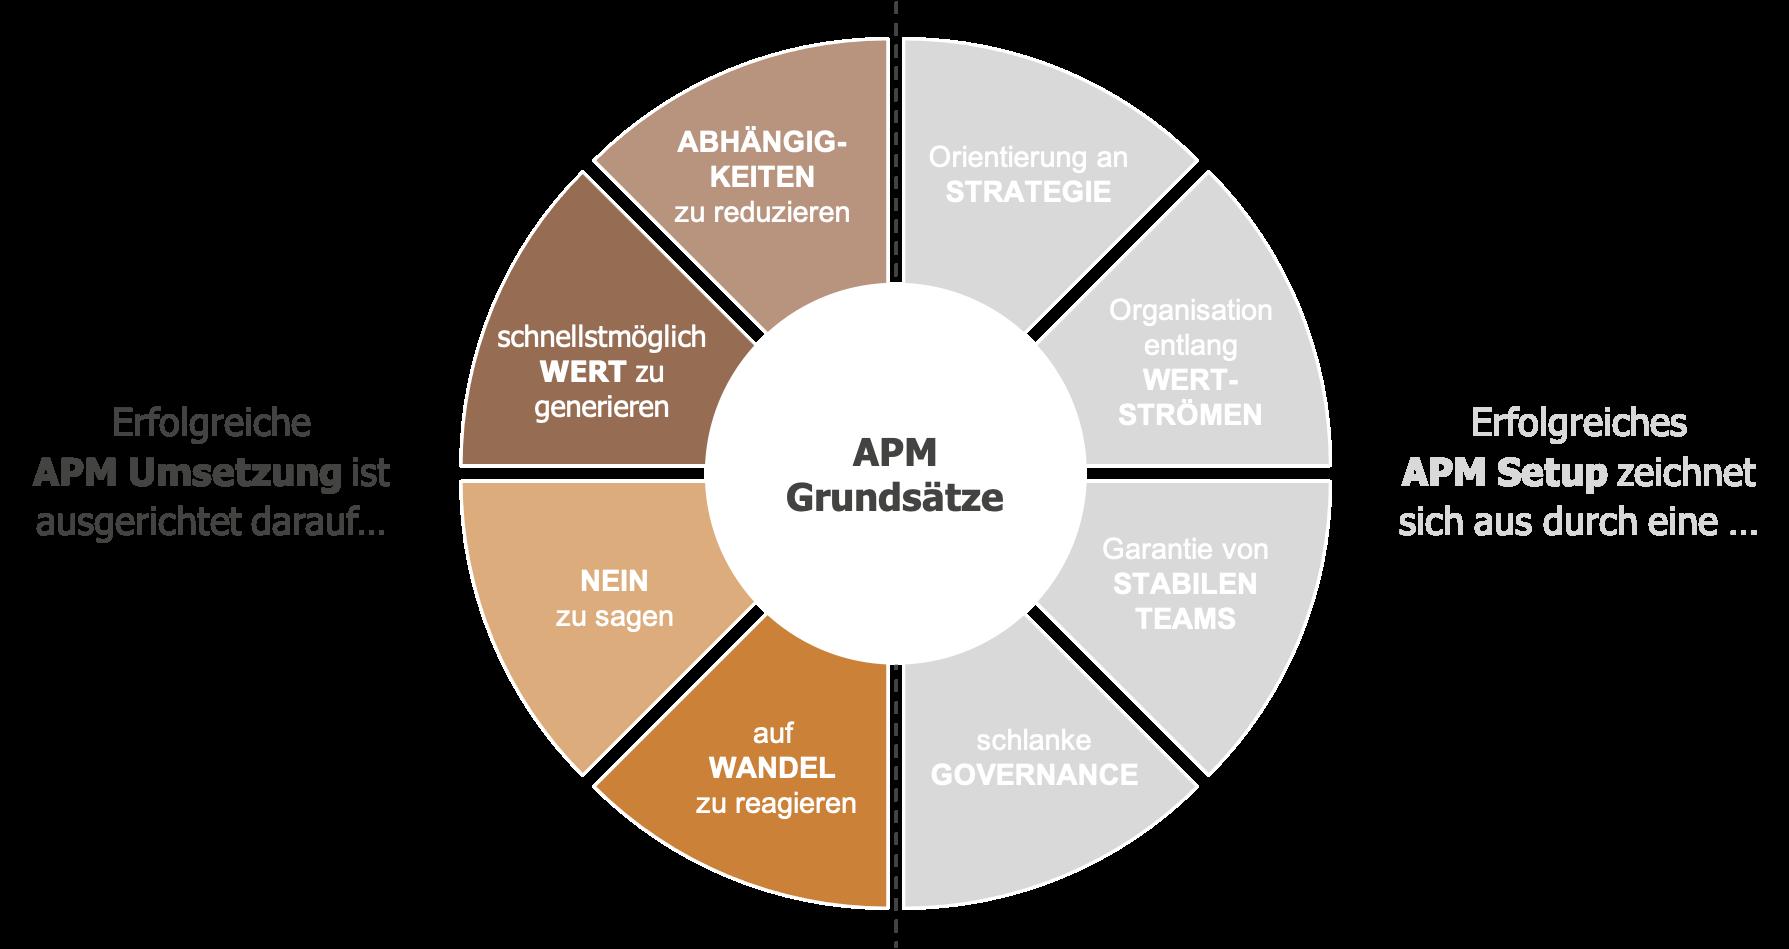 Kreis aufgeteilt in acht Bereiche, welche die 8 Erfolgsfaktoren darstellen